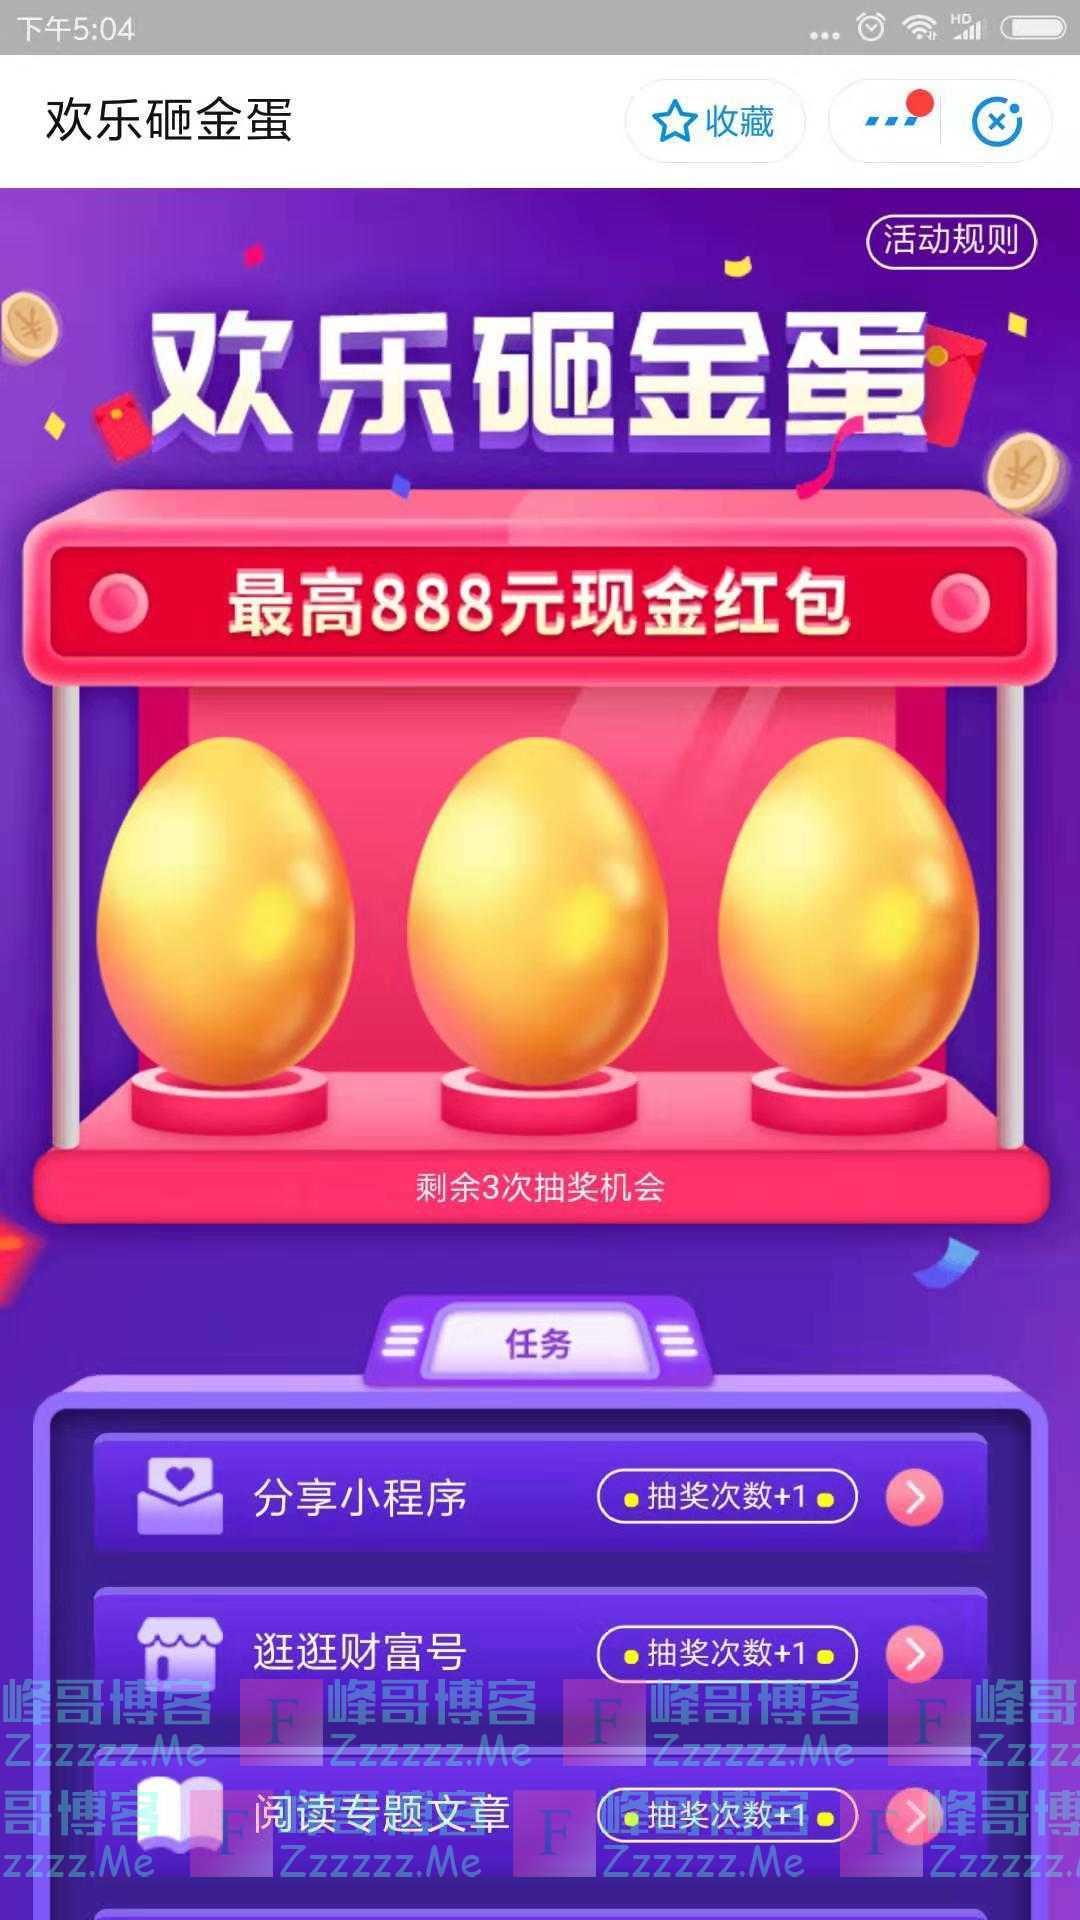 支付宝欢乐砸金蛋赢最高888元现金红包(截止不详)